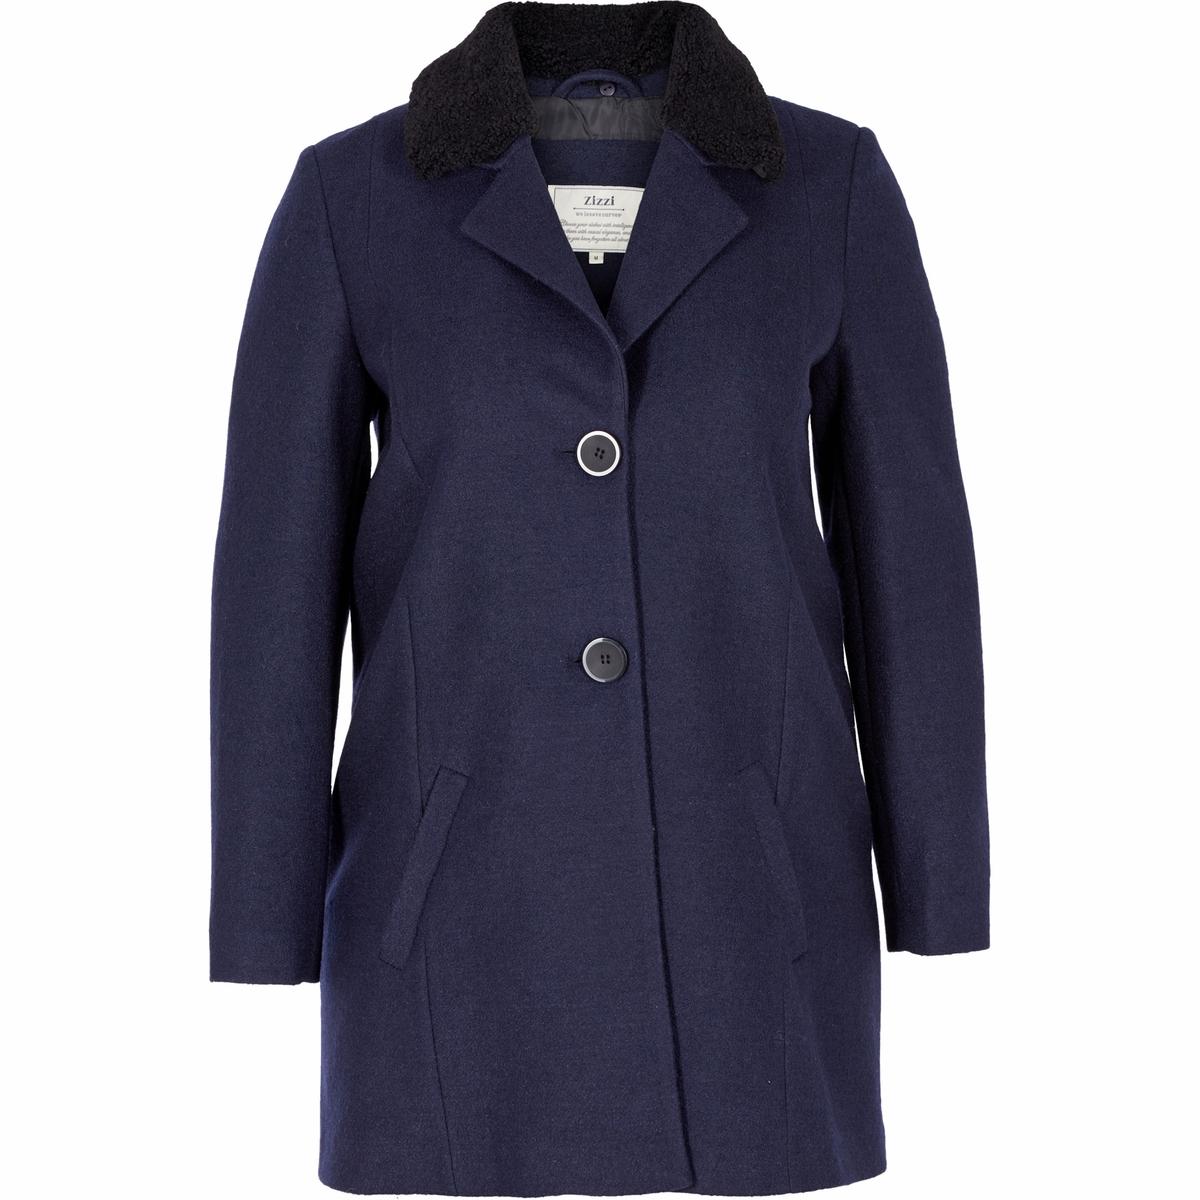 Пальто, 50% шерстиПальто - ZIZZI.  2 пуговицы спереди. Косые карманы в боковых швах придают пальто одновременно классический и элегантный стиль. Съемный воротник.Состав и описаниеМатериал:  70% полиэстера, 30% шерстиМарка: ZIZZI<br><br>Цвет: темно-синий<br>Размер: 42 (FR) - 48 (RUS)